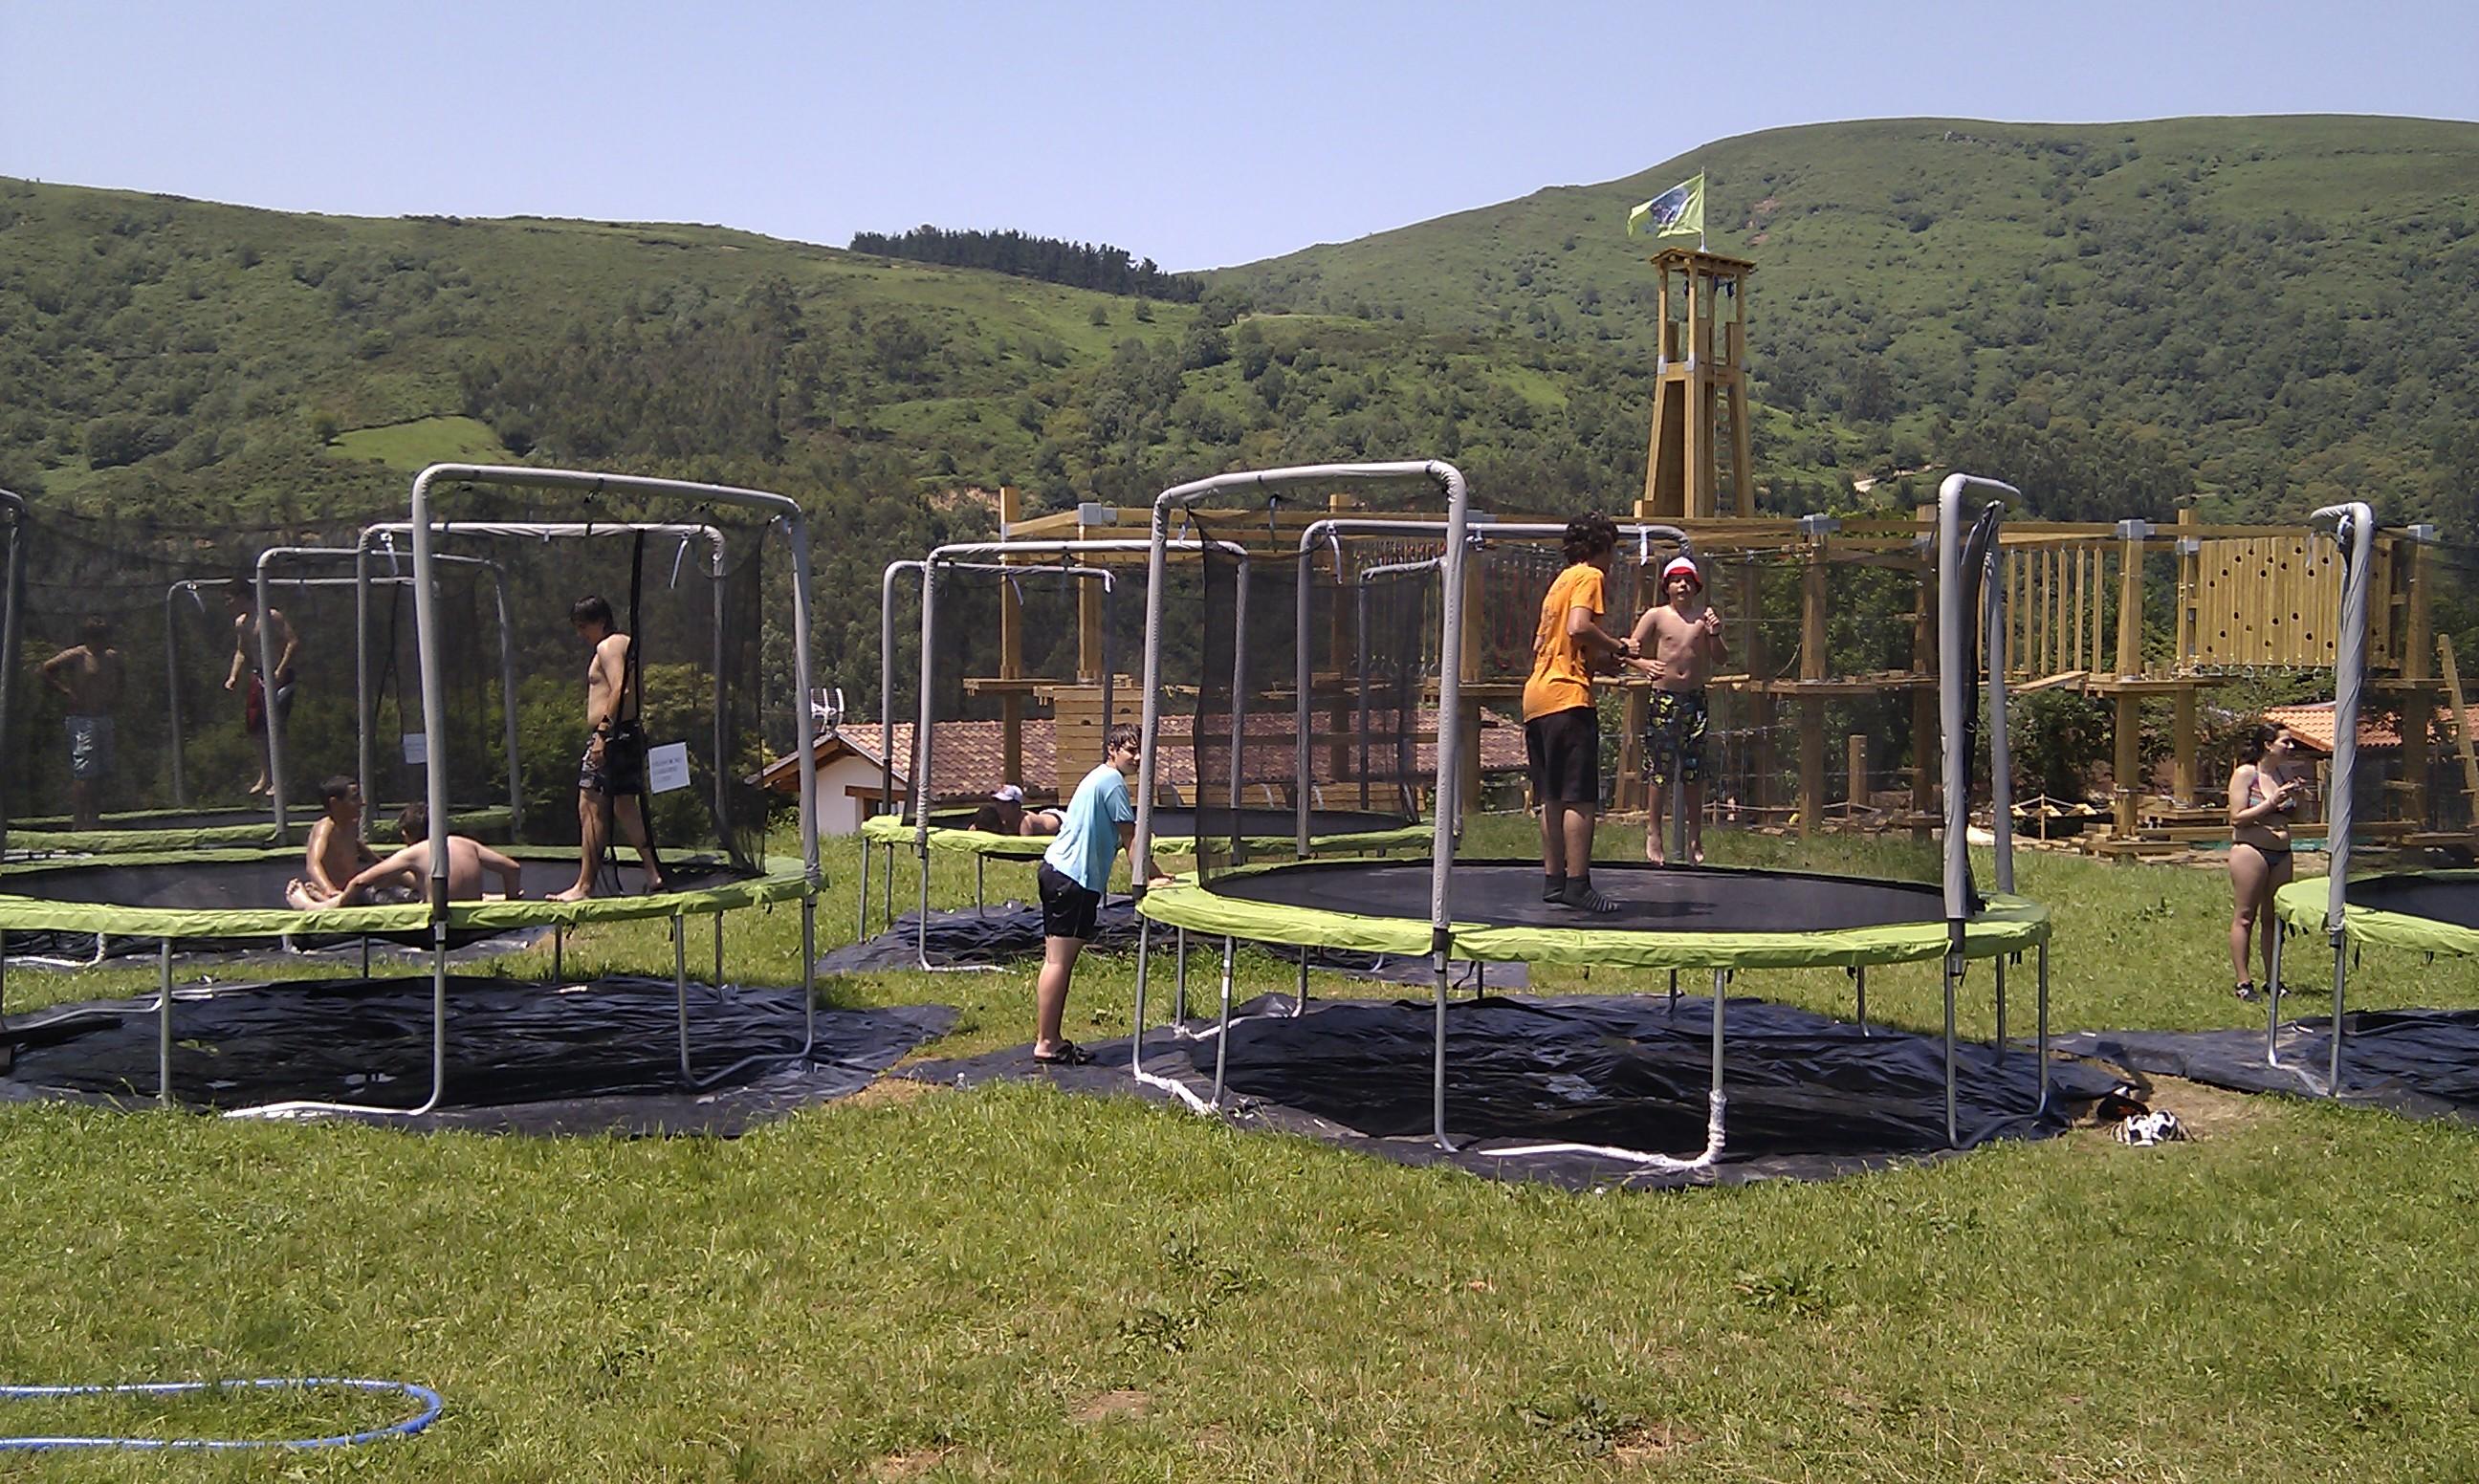 camas_elásticas_1_Cantabria_Parque_multiaventura_ocio_juegos_cabuerniaventura